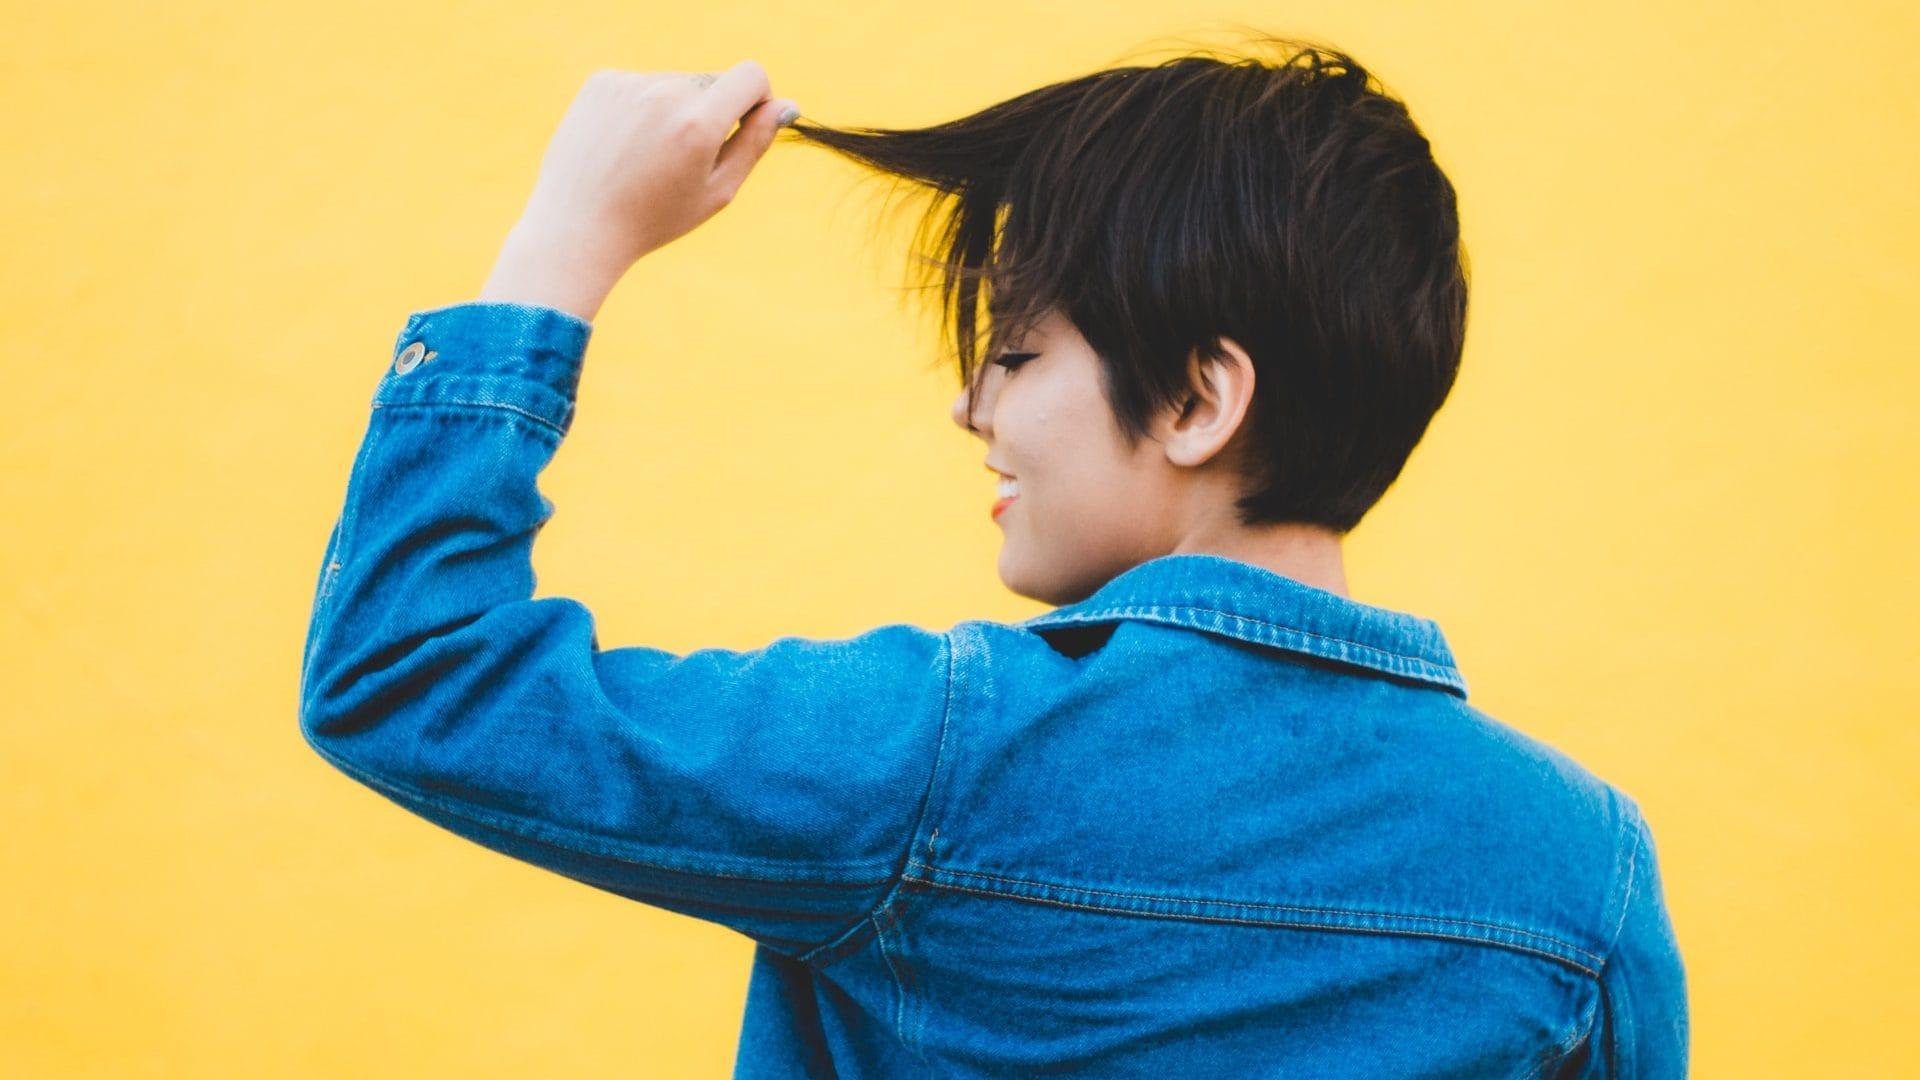 Persoon met kort haar op gele achtergrond. Achterzijde.